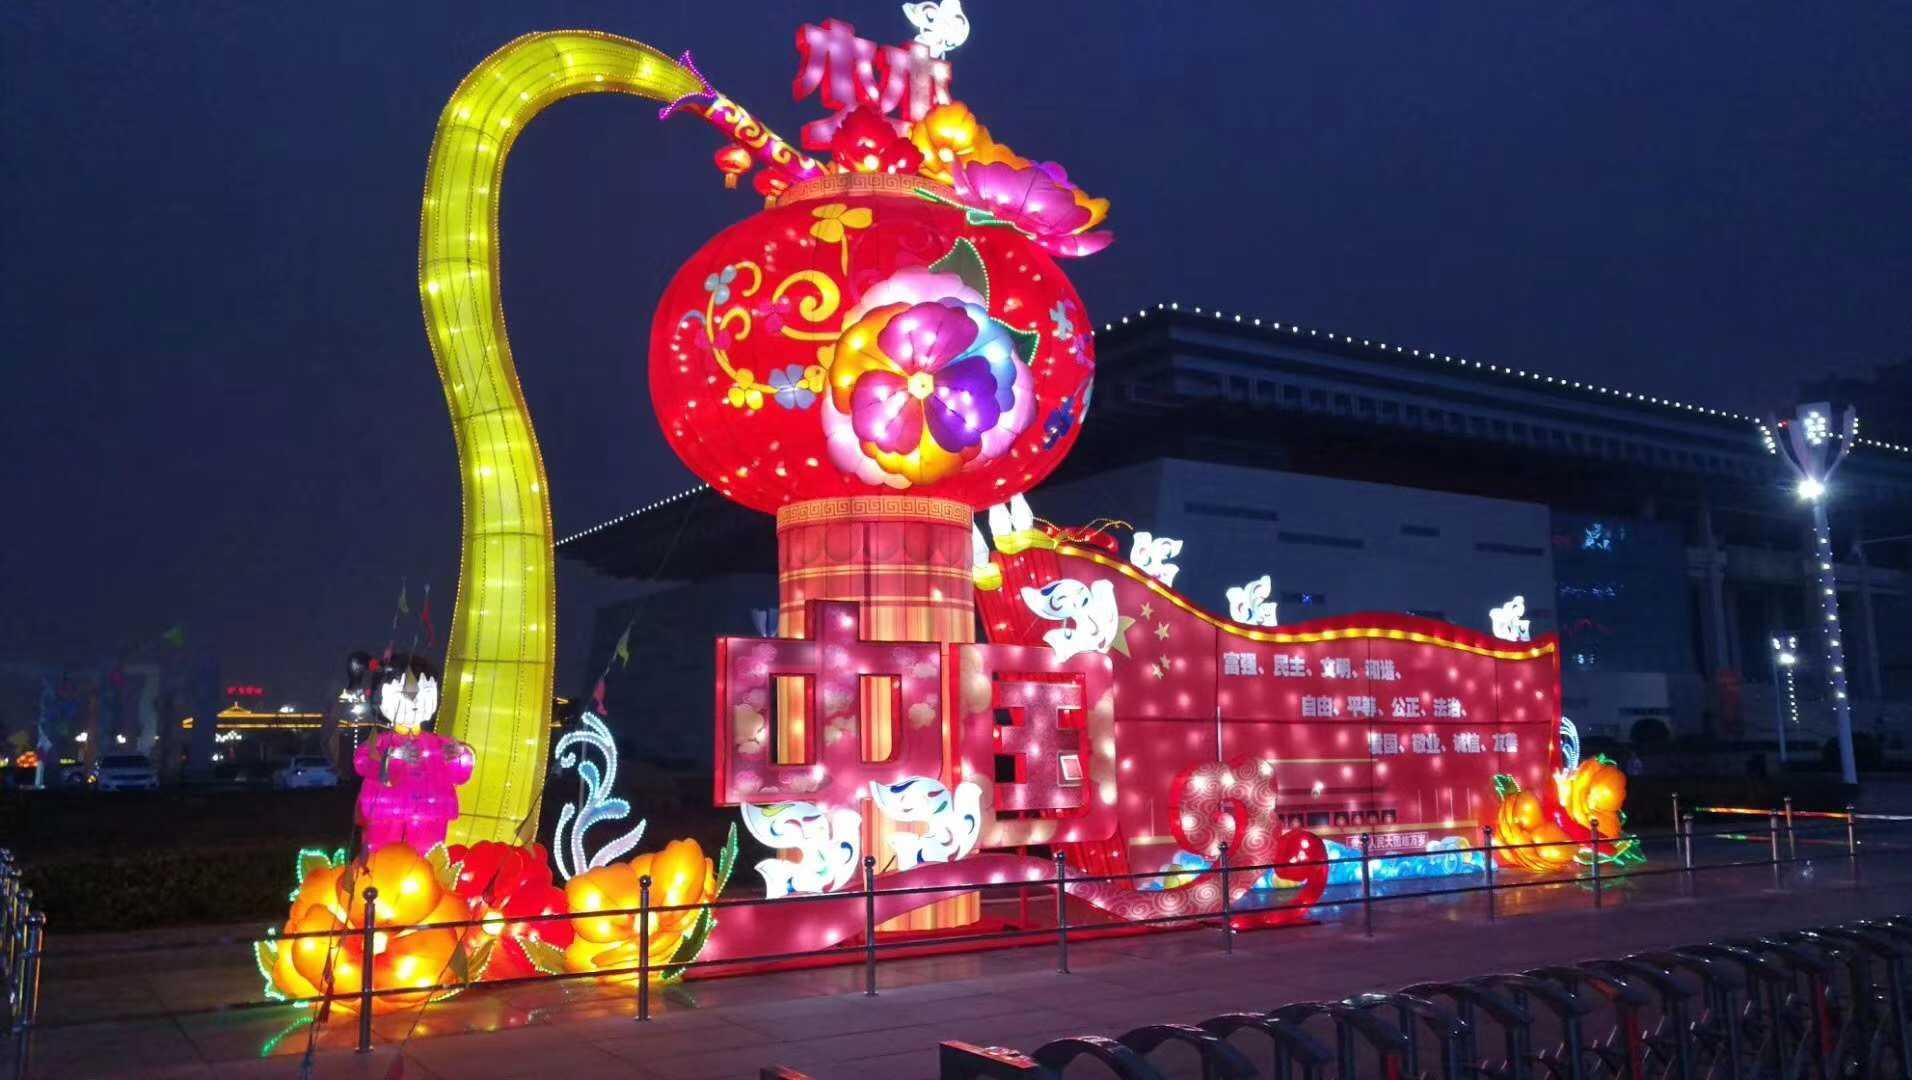 城市节日氛围营造--燎原彩灯点亮许昌新年的夜晚(图)